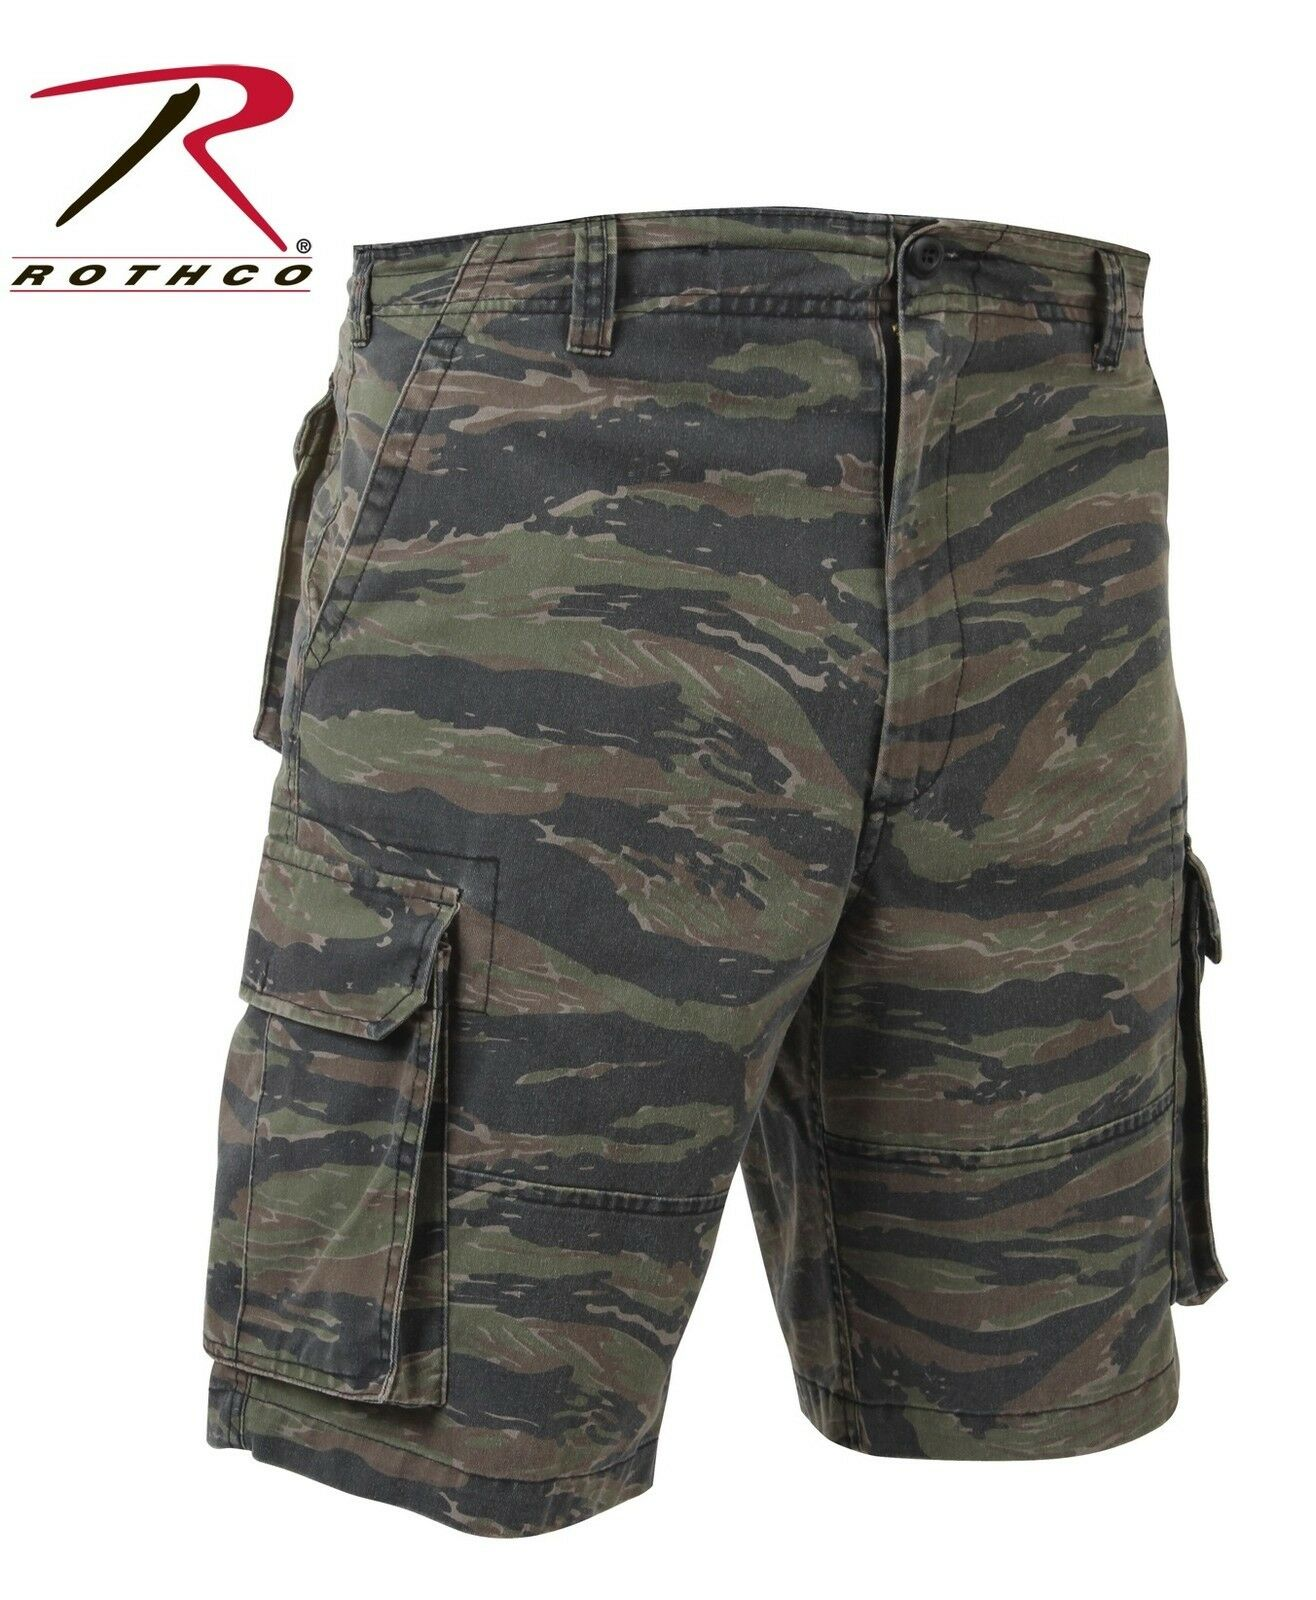 Tiger Stripe Vintage Camo Paratrooper Cargo Shorts - redhco Vintage Camo Shorts